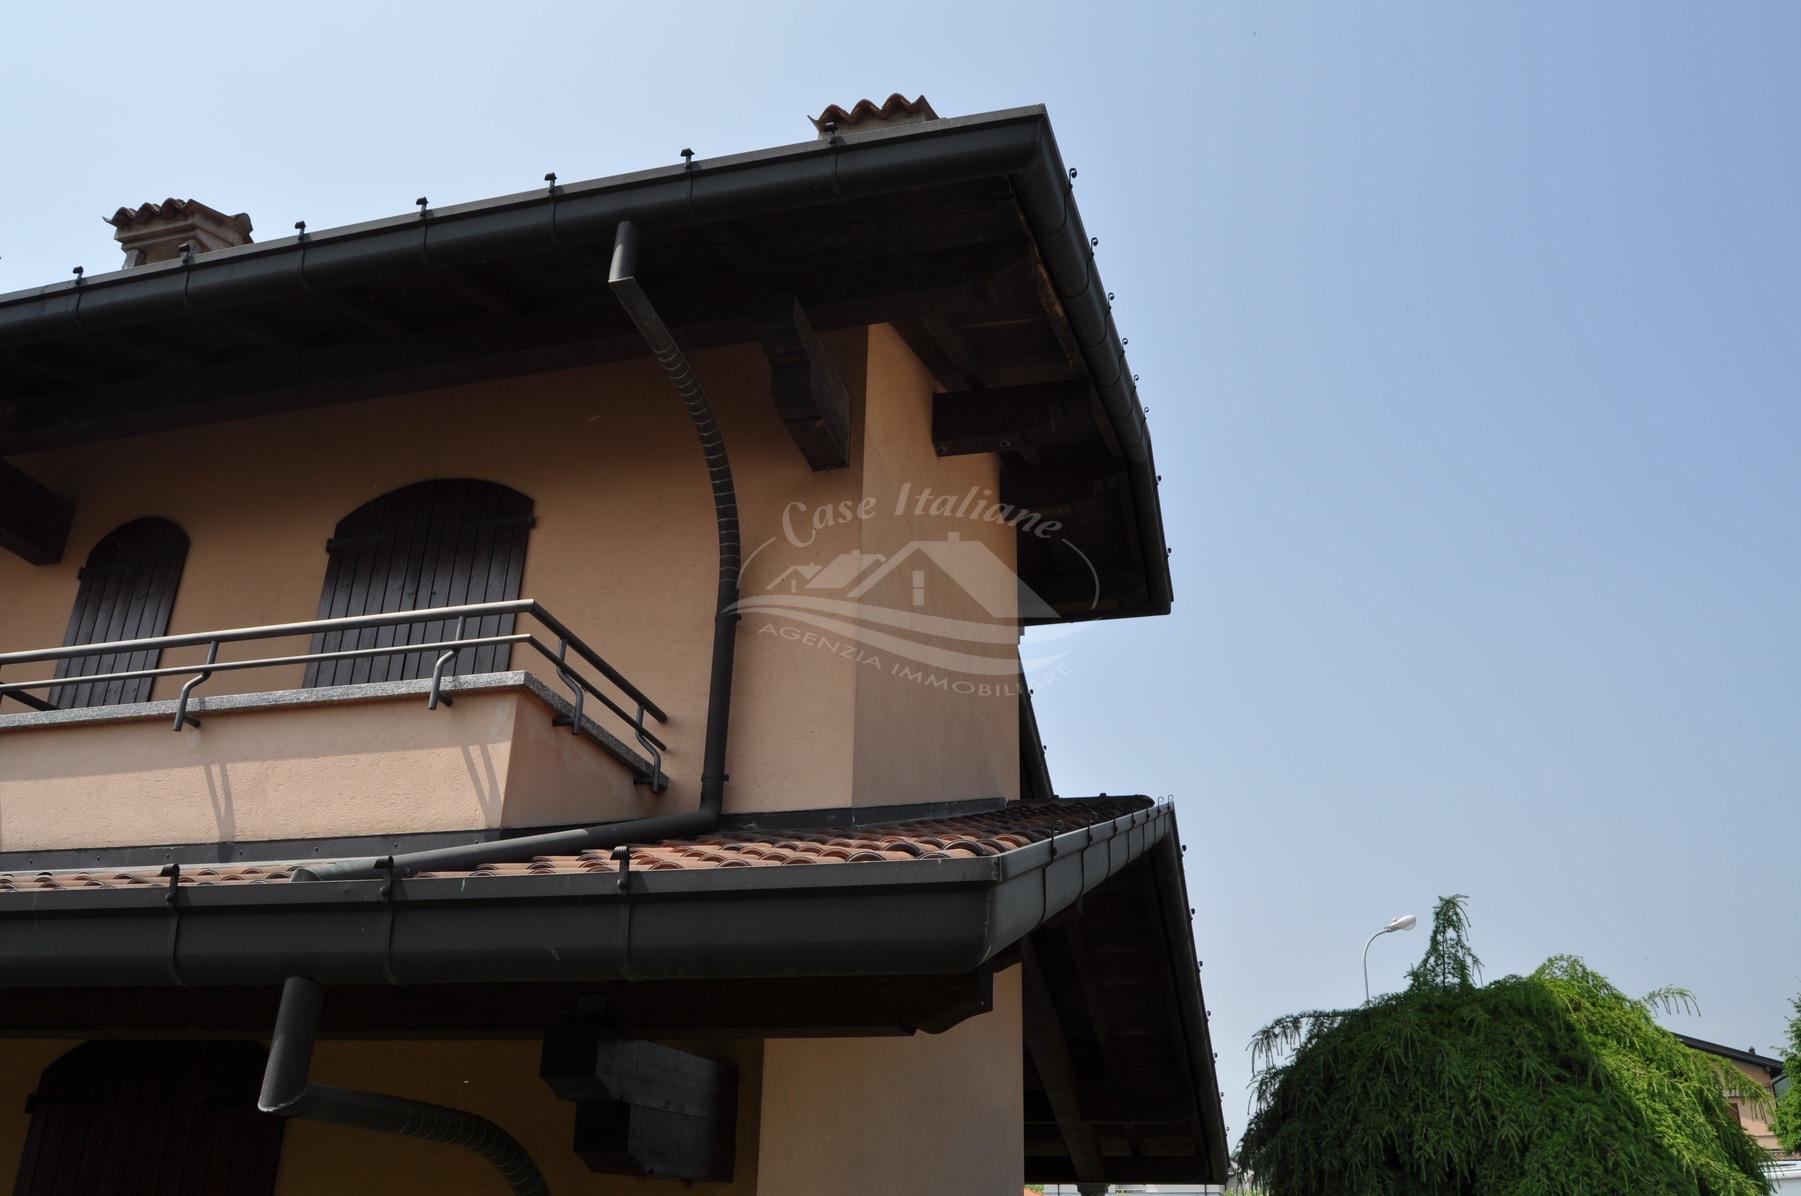 Dsc 3484 case italiane agenzia immobiliare cant for Case italiane immobiliare